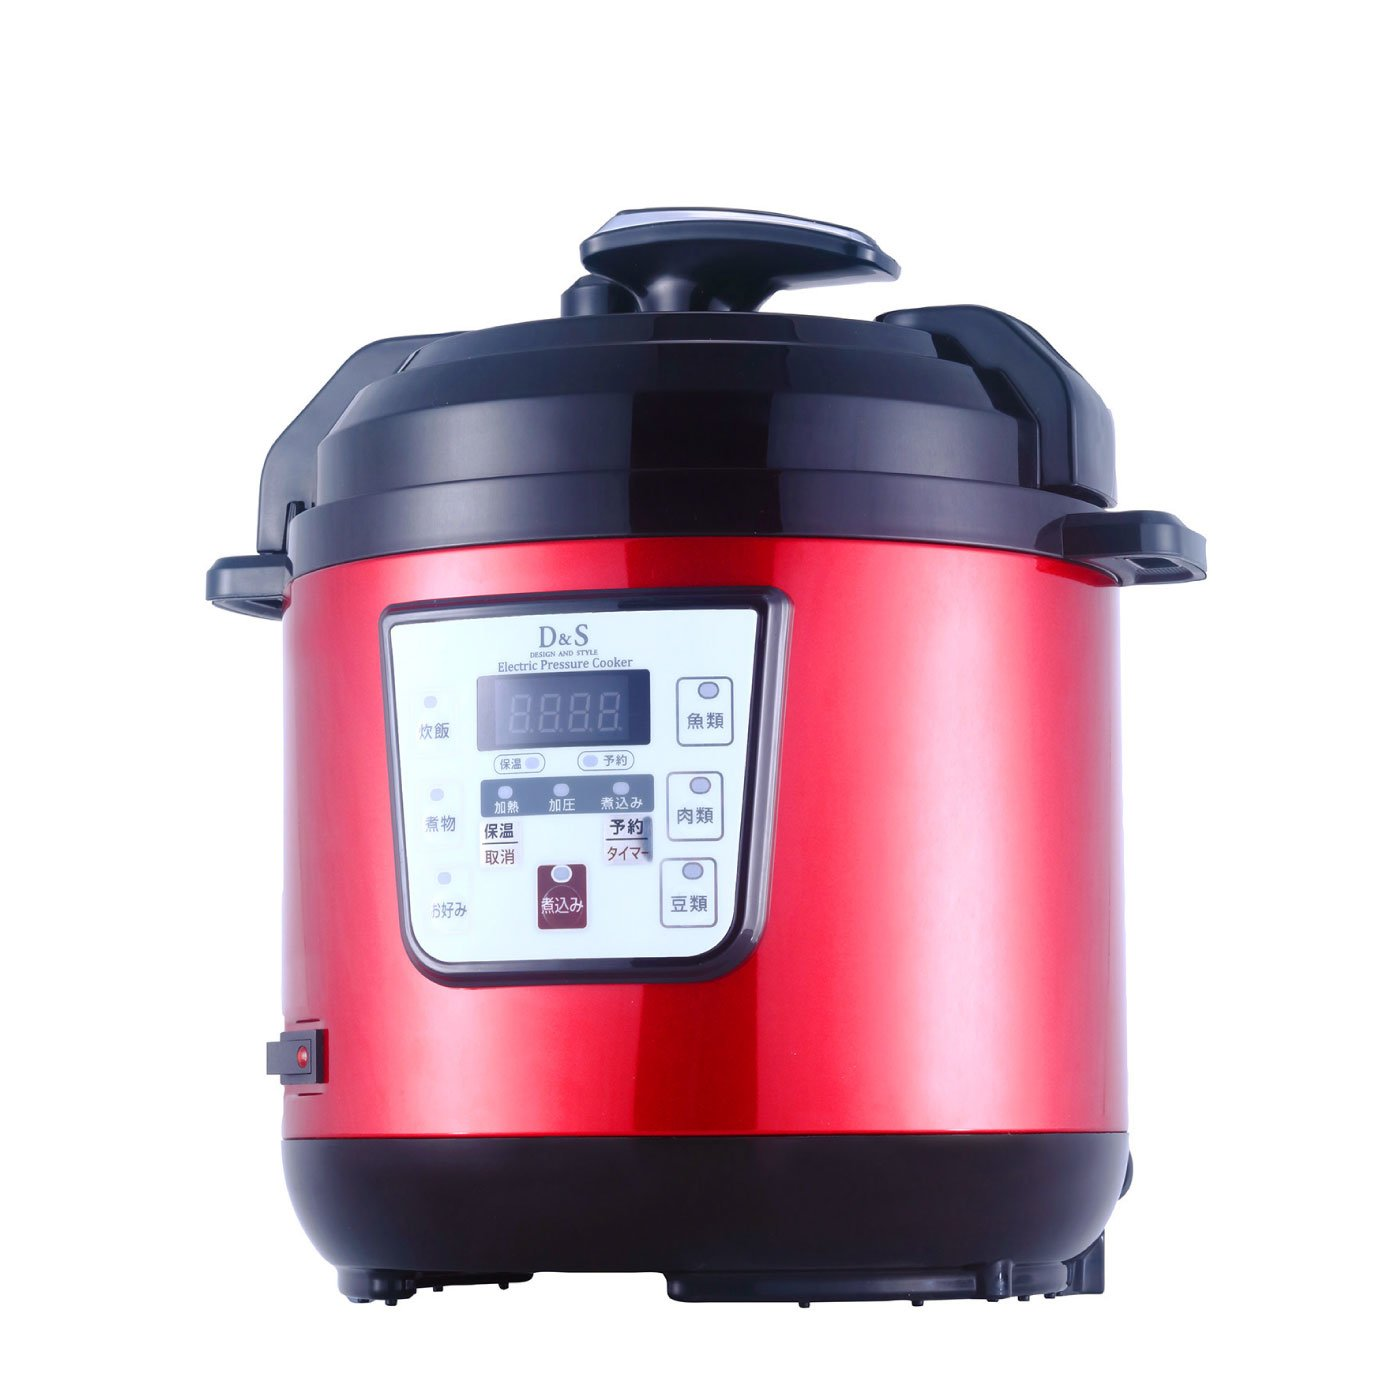 ボタンを押すだけで完成!電気圧力鍋2.5L 赤黒カラー